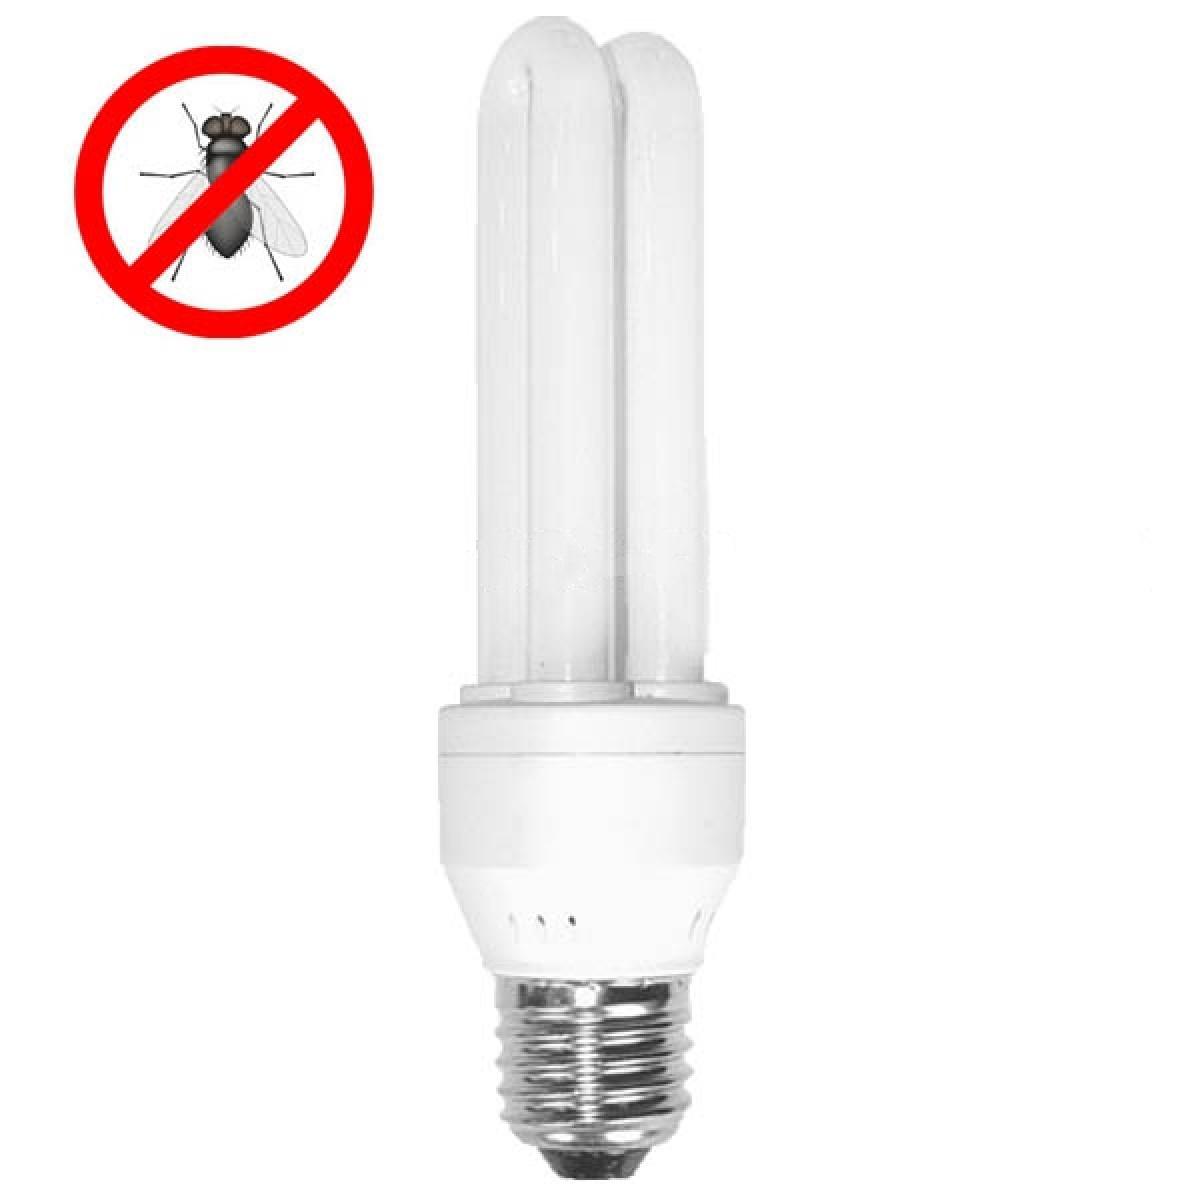 FLY KILLER BULB ENERGY SAVER 20W E27 BL368//BL